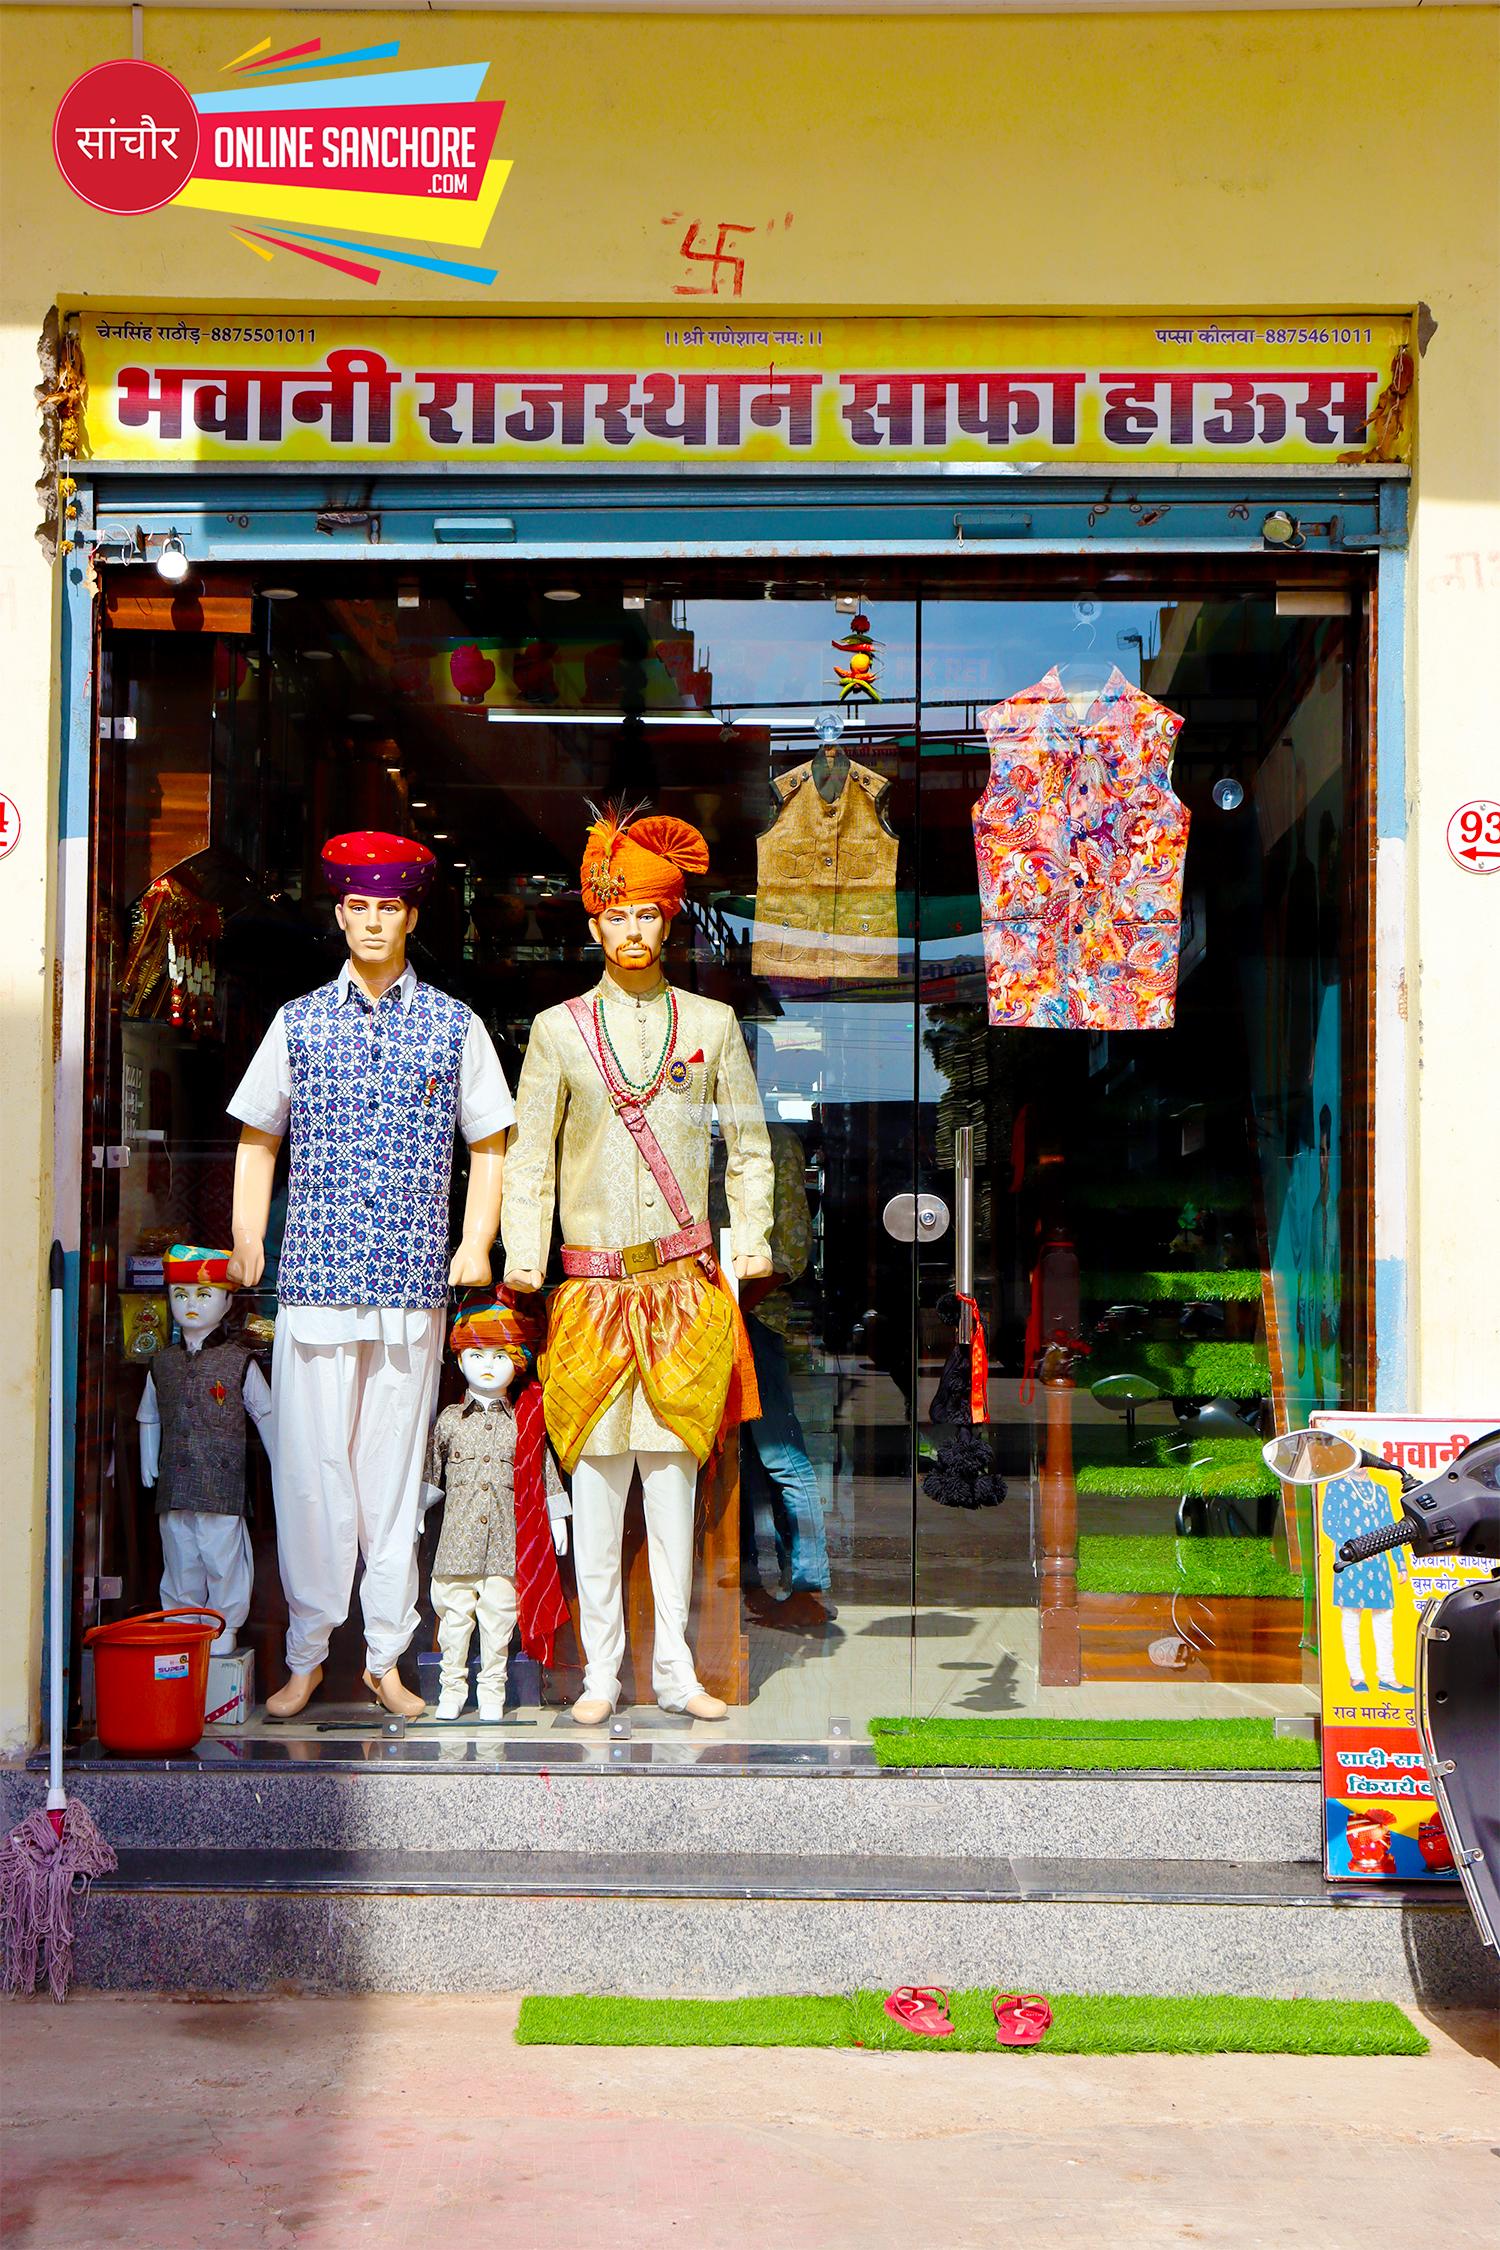 Bhavani Rajasthan Safa House Sanchore